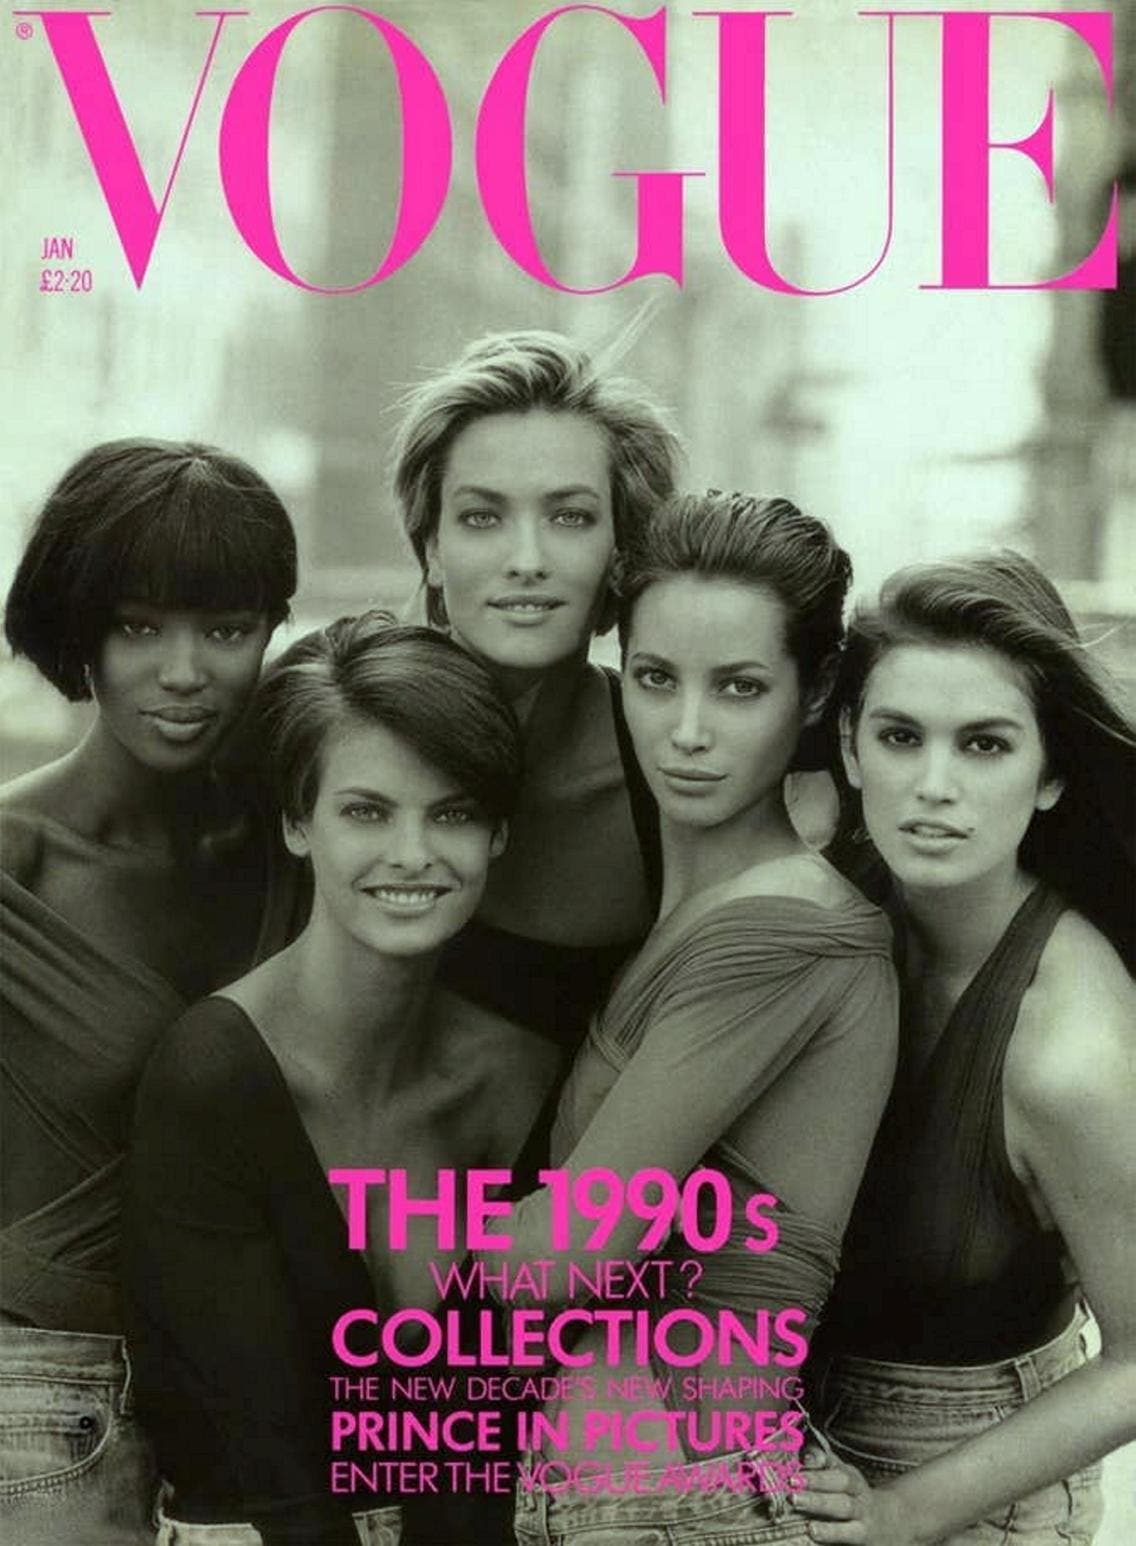 إحدى أشهر صوره على غلاف مجلة فوغ في العام 1990